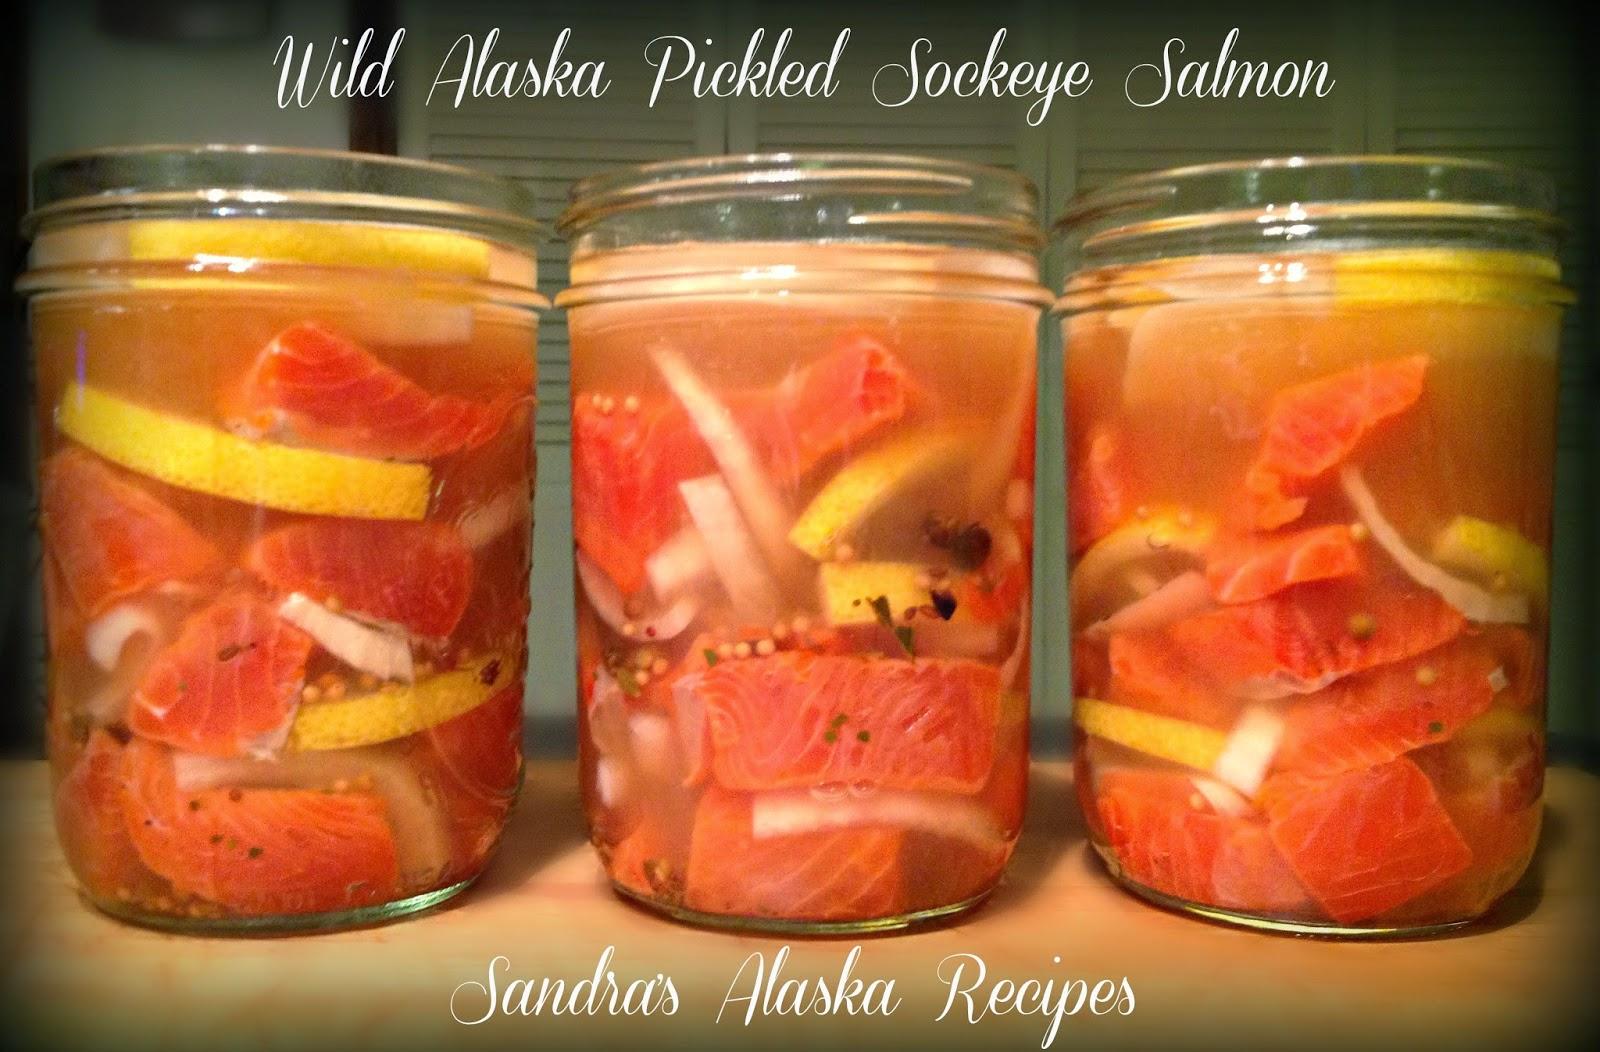 sandra u0026 39 s alaska recipes  sandra u2019s wild alaska pickled